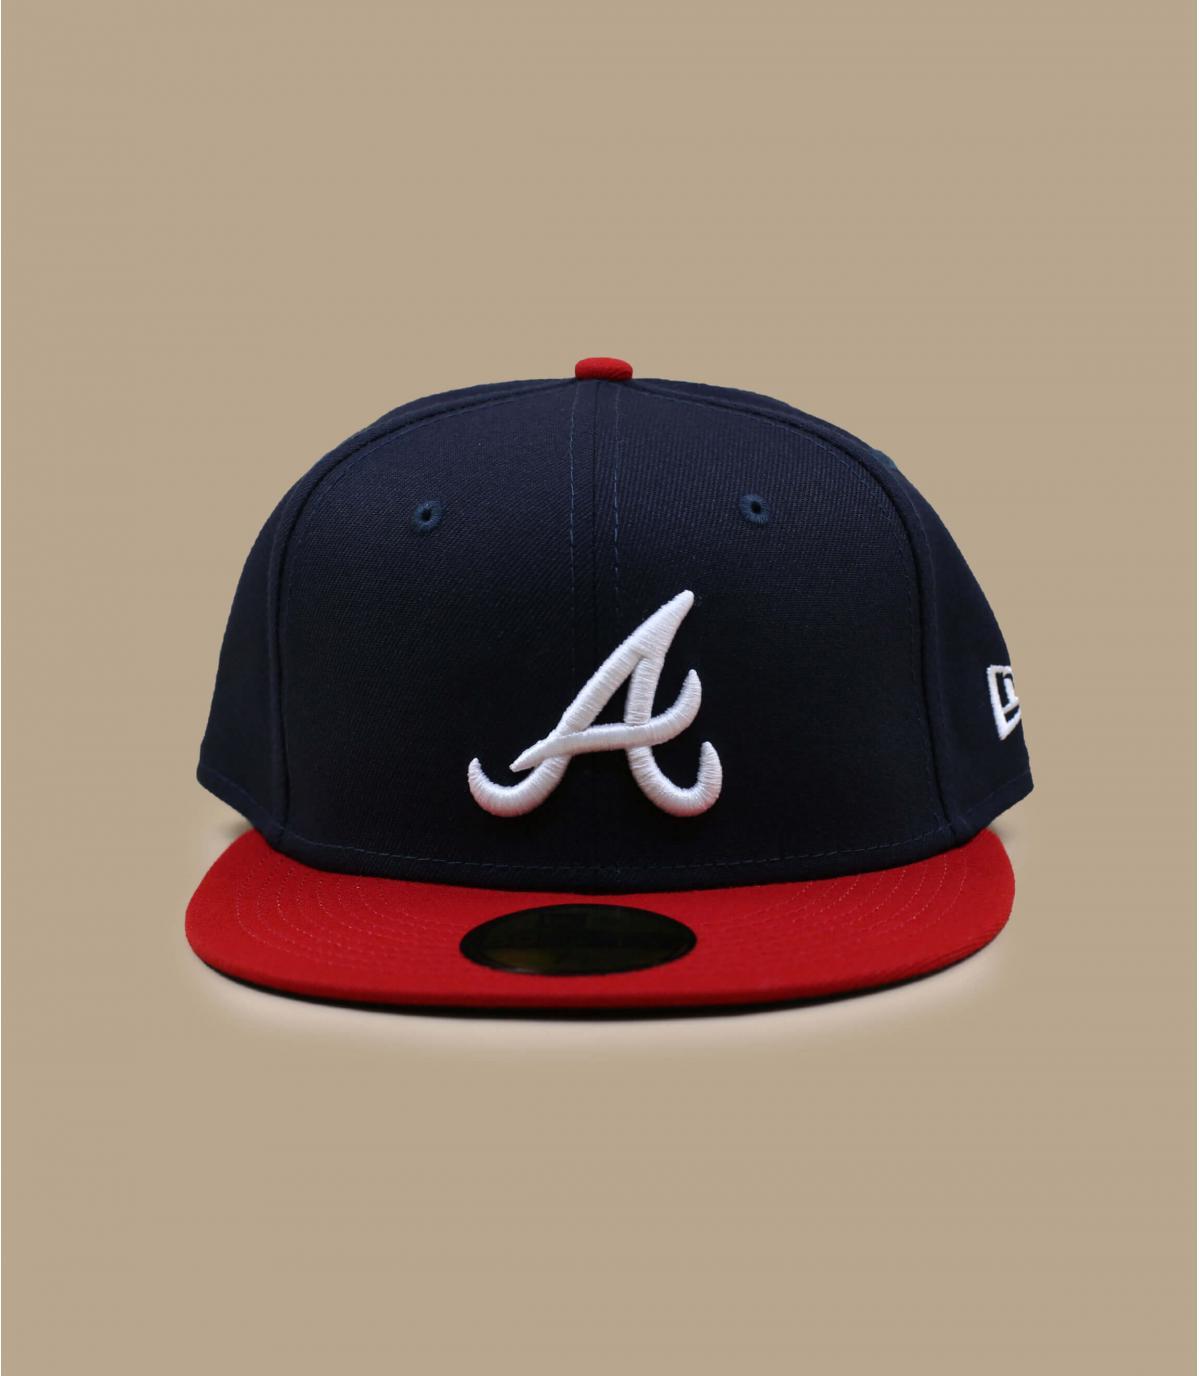 5950 A cap